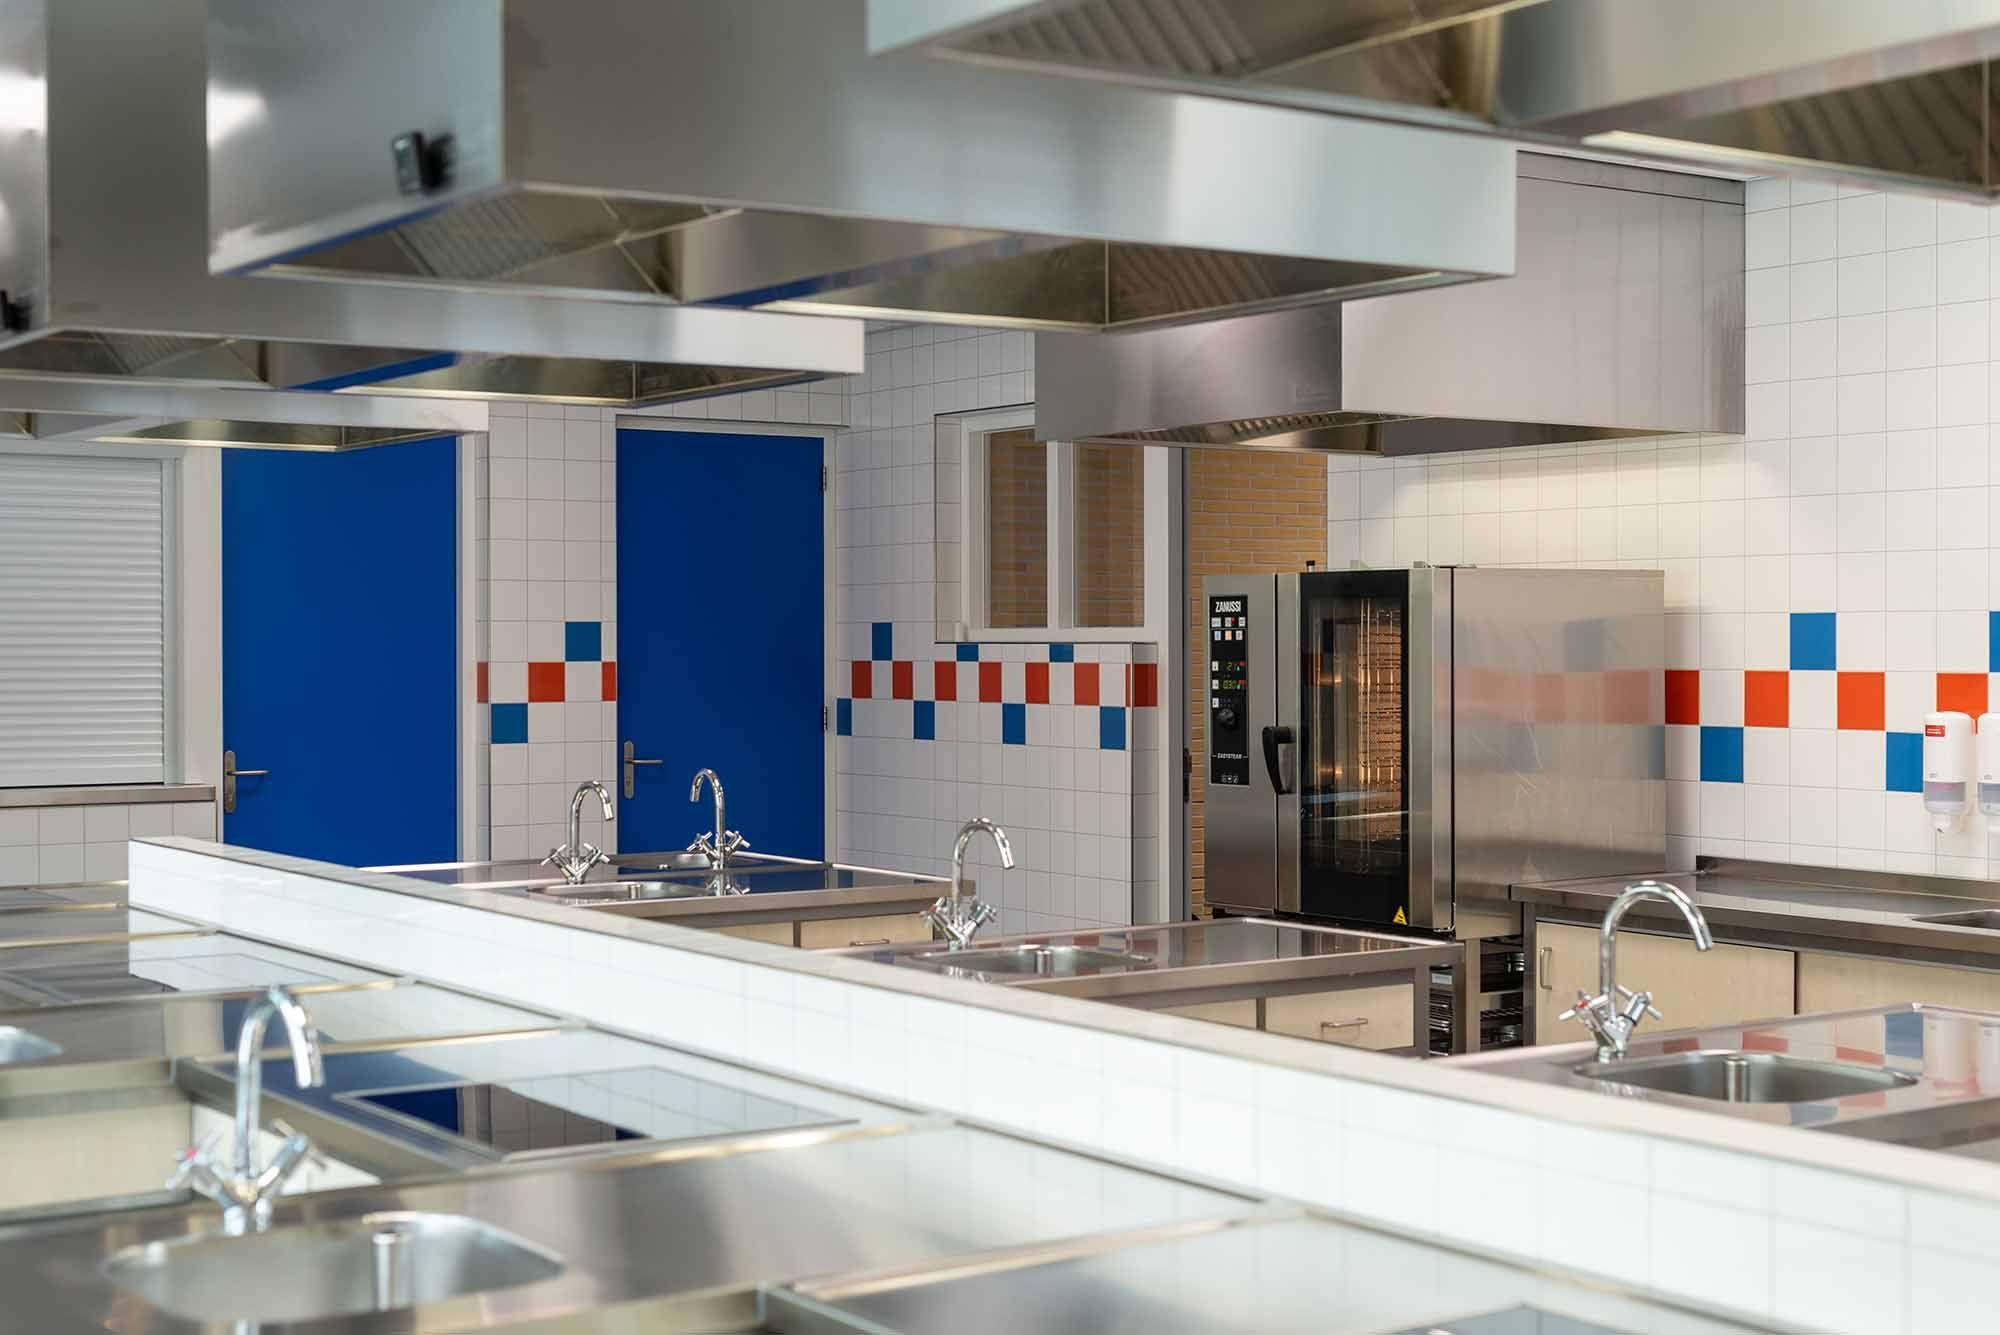 SOTOG: Stichting Speciaal Onderwijs Twente en Oost Gelderland